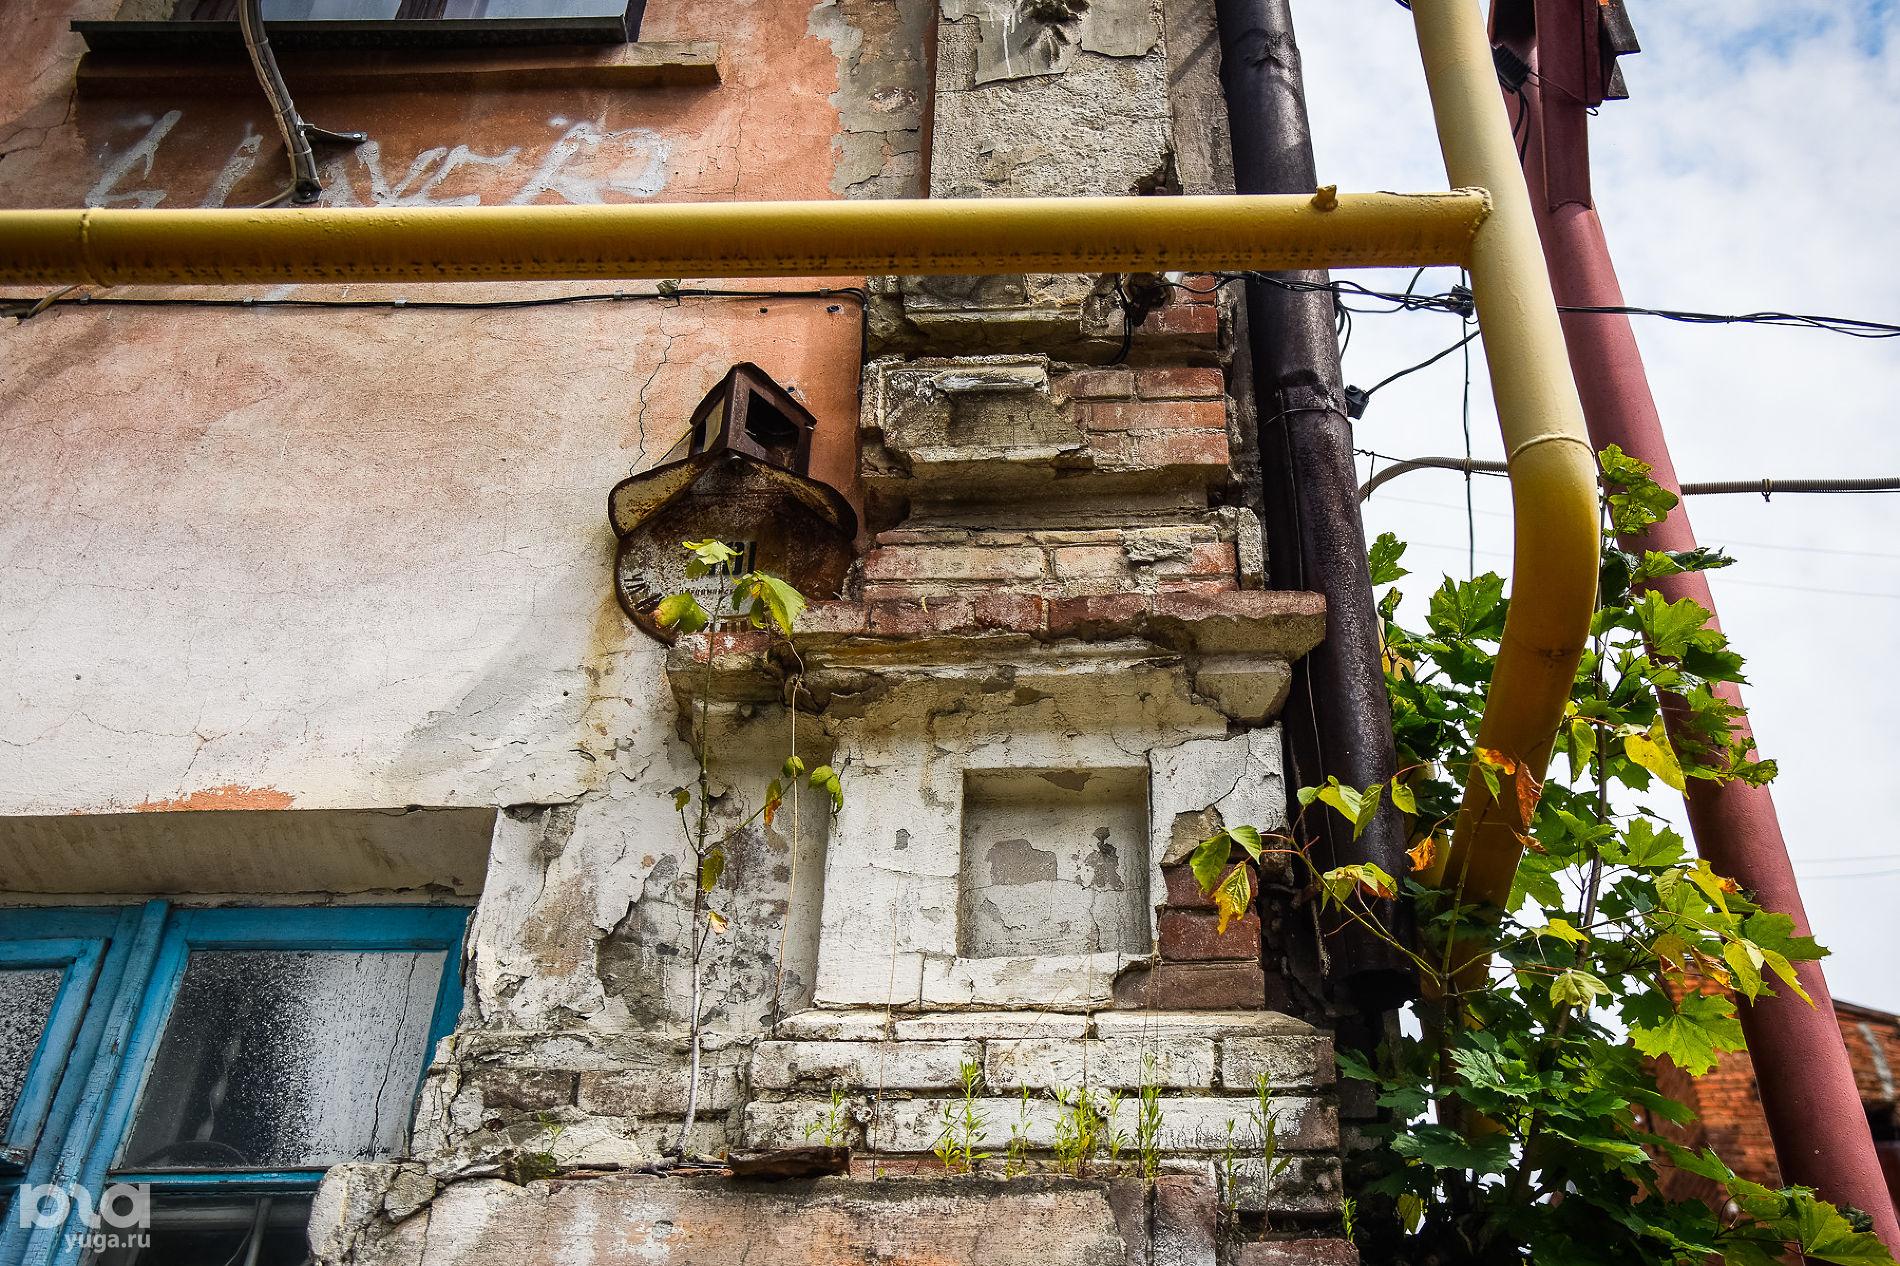 Гимназическая, 101. Дом жилой, начало XX в. ©Фото Елены Синеок, Юга.ру